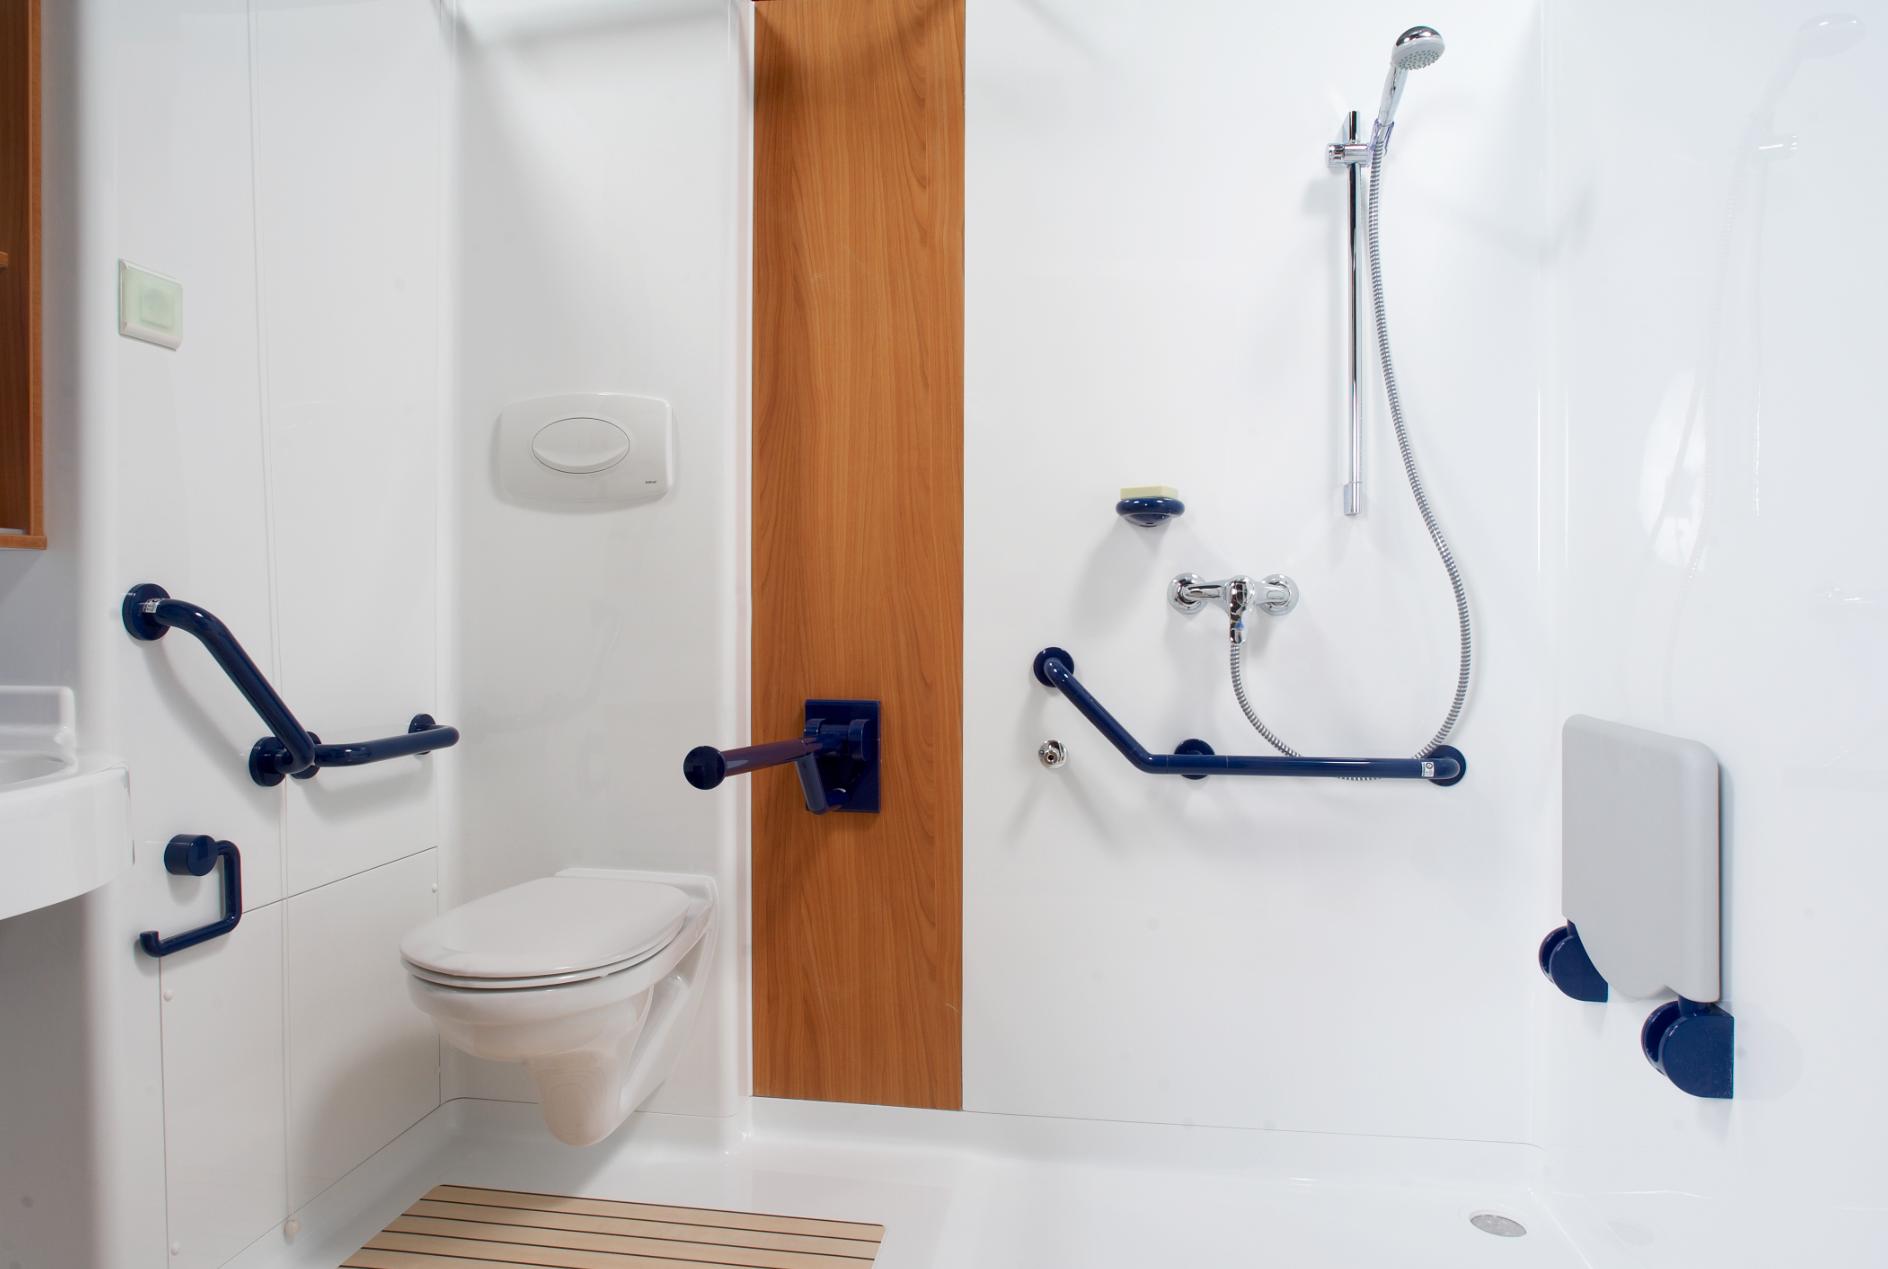 Salle de bain compl te adapt e pour les personnes en fauteuil roulant nos cabines sont - Prix salle de bains complete ...